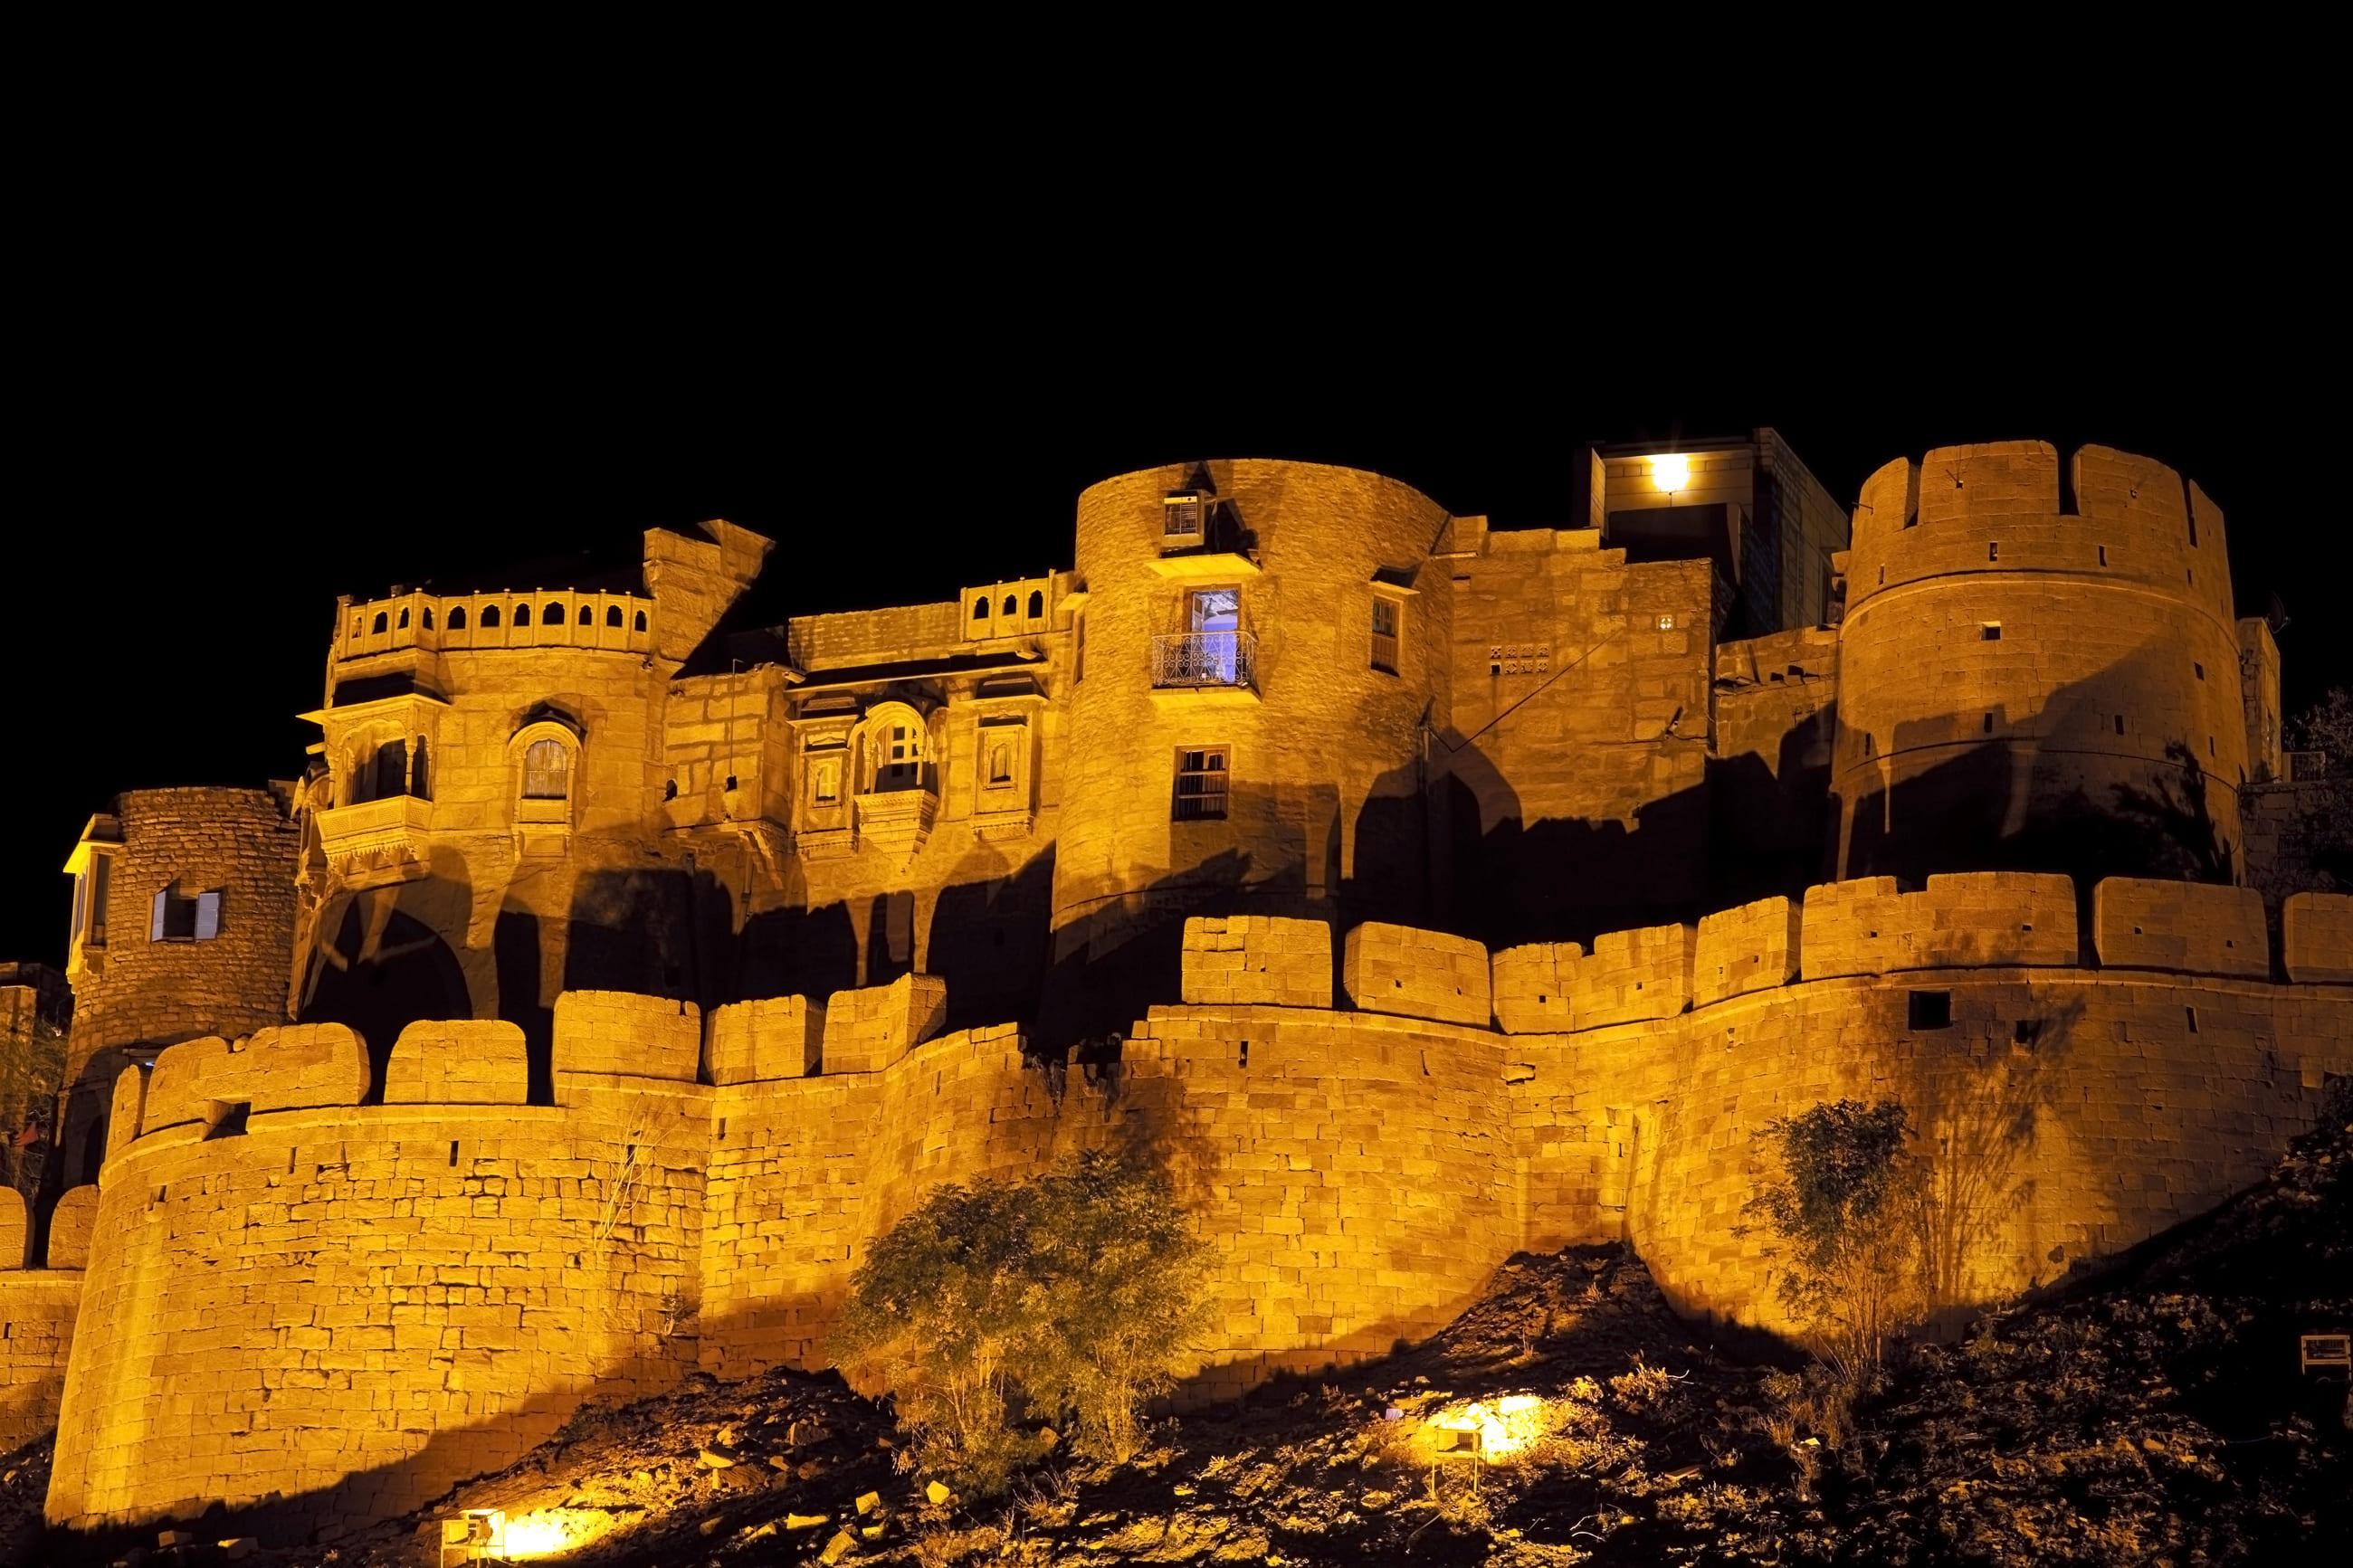 Jaisalmer the golden city of the desert